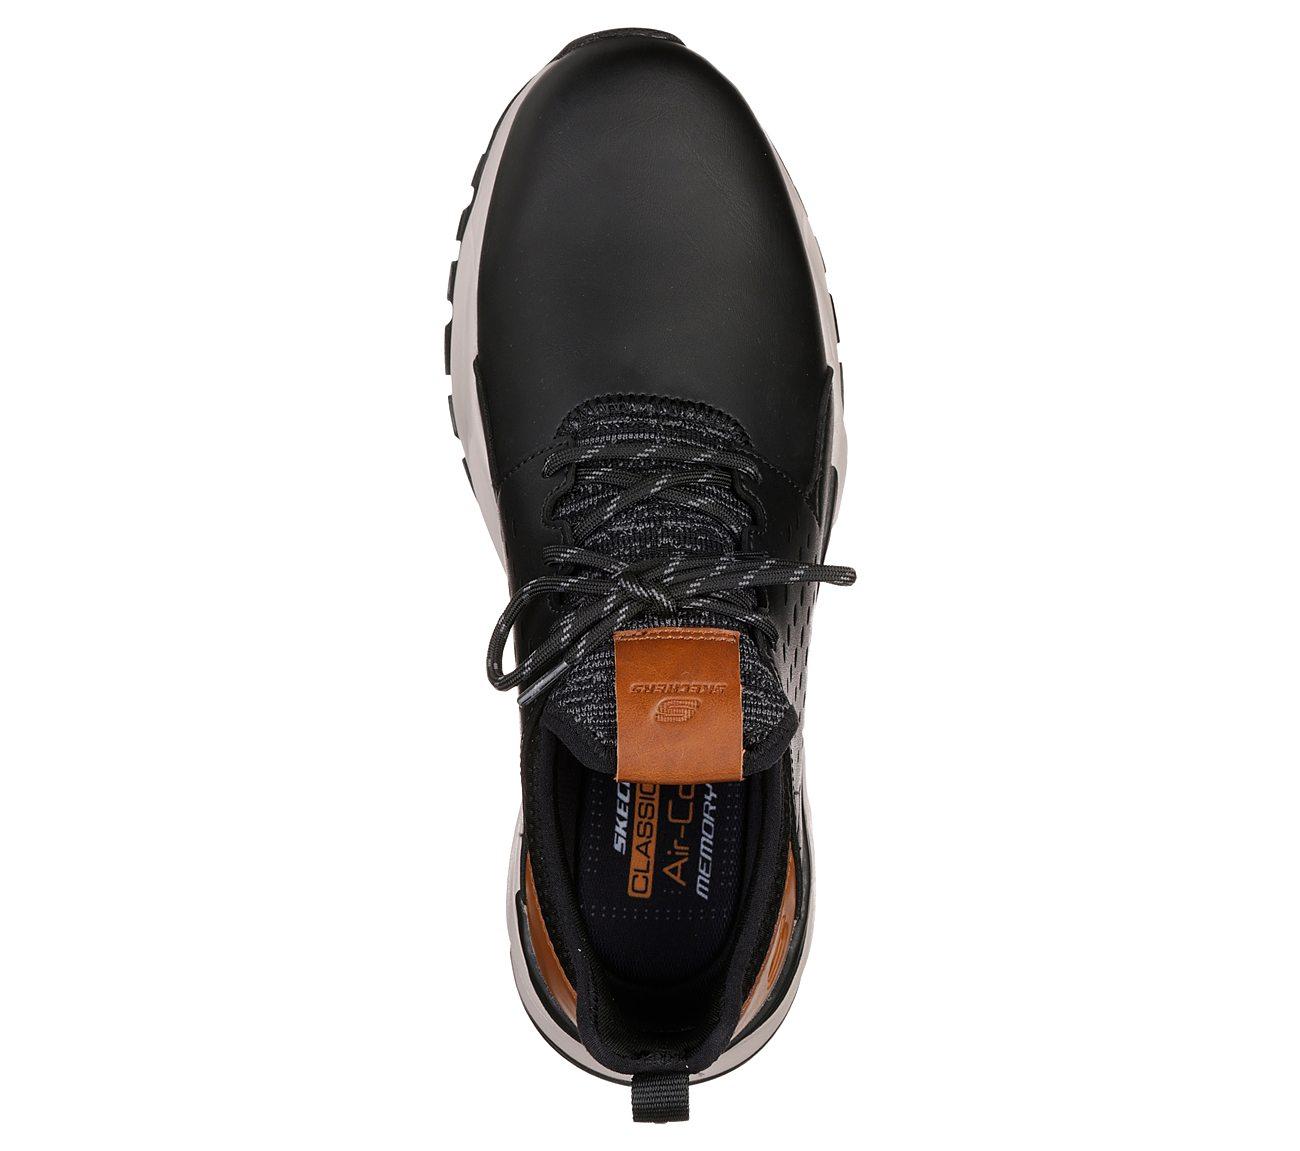 SKECHERS Relven - Hemson USA Casuals Shoes